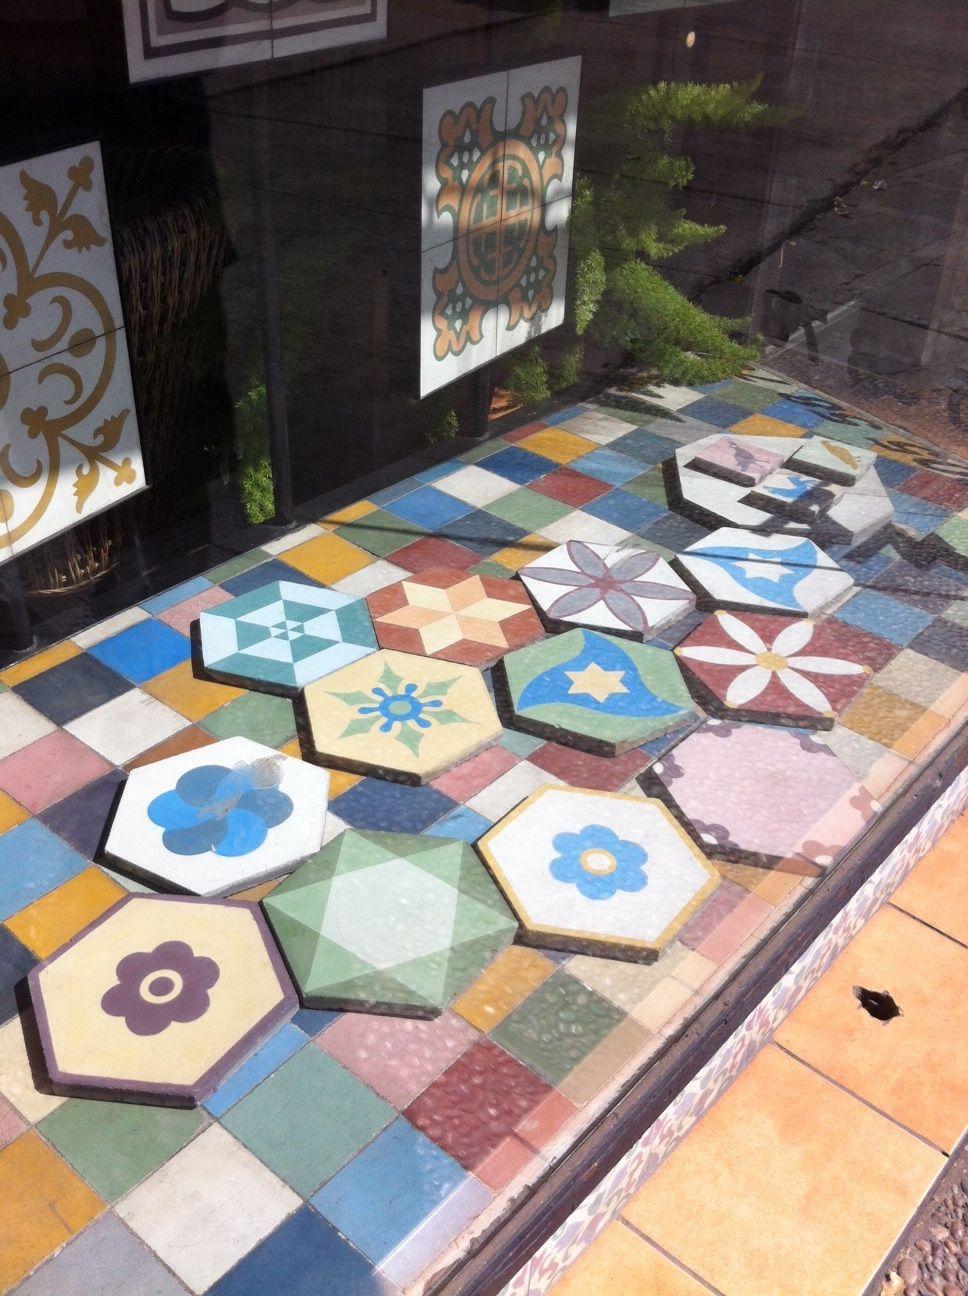 Mi sue o este mismo potpourri de baldosas hexagonales en el suelo de un winter garden con - Baldosas hexagonales ...